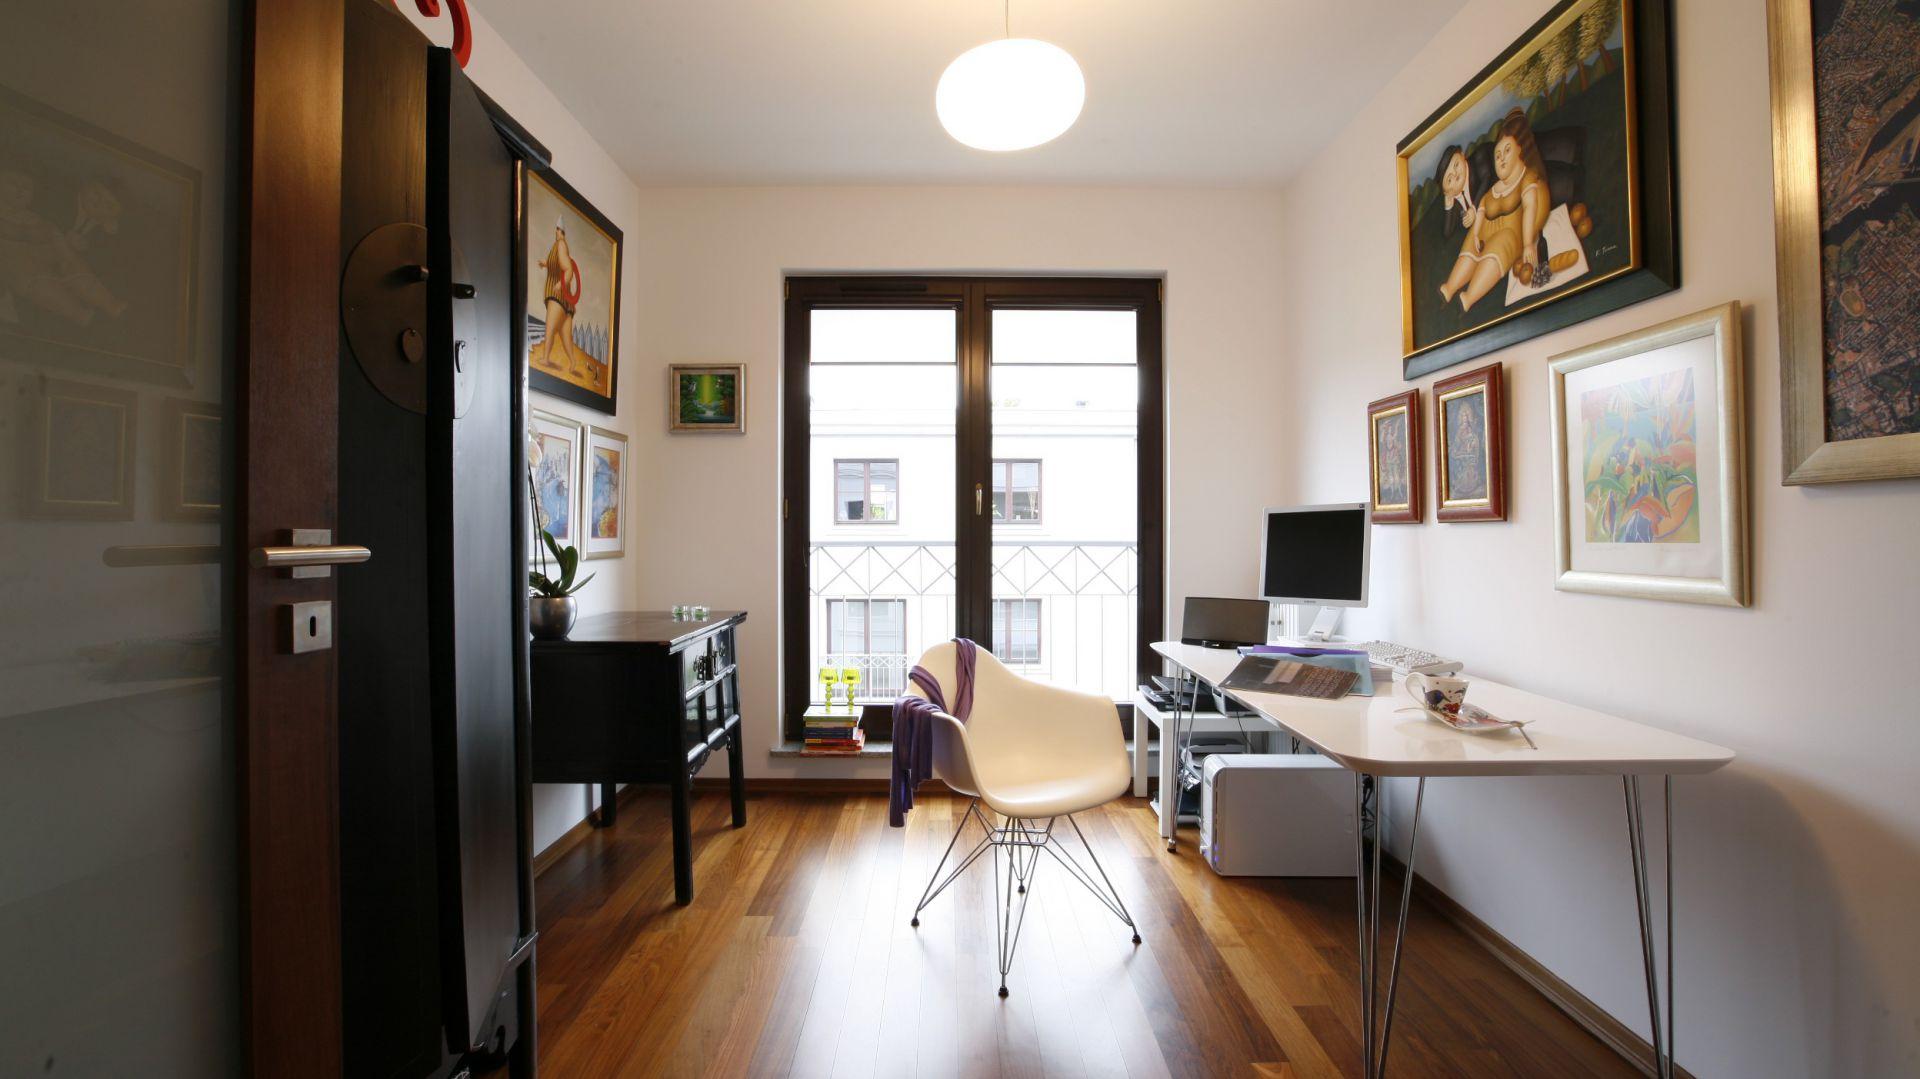 Elegancki charakter domowego gabinetu podkreślają liczne dzieła sztuki. Fot. Marcin Onufryjuk.